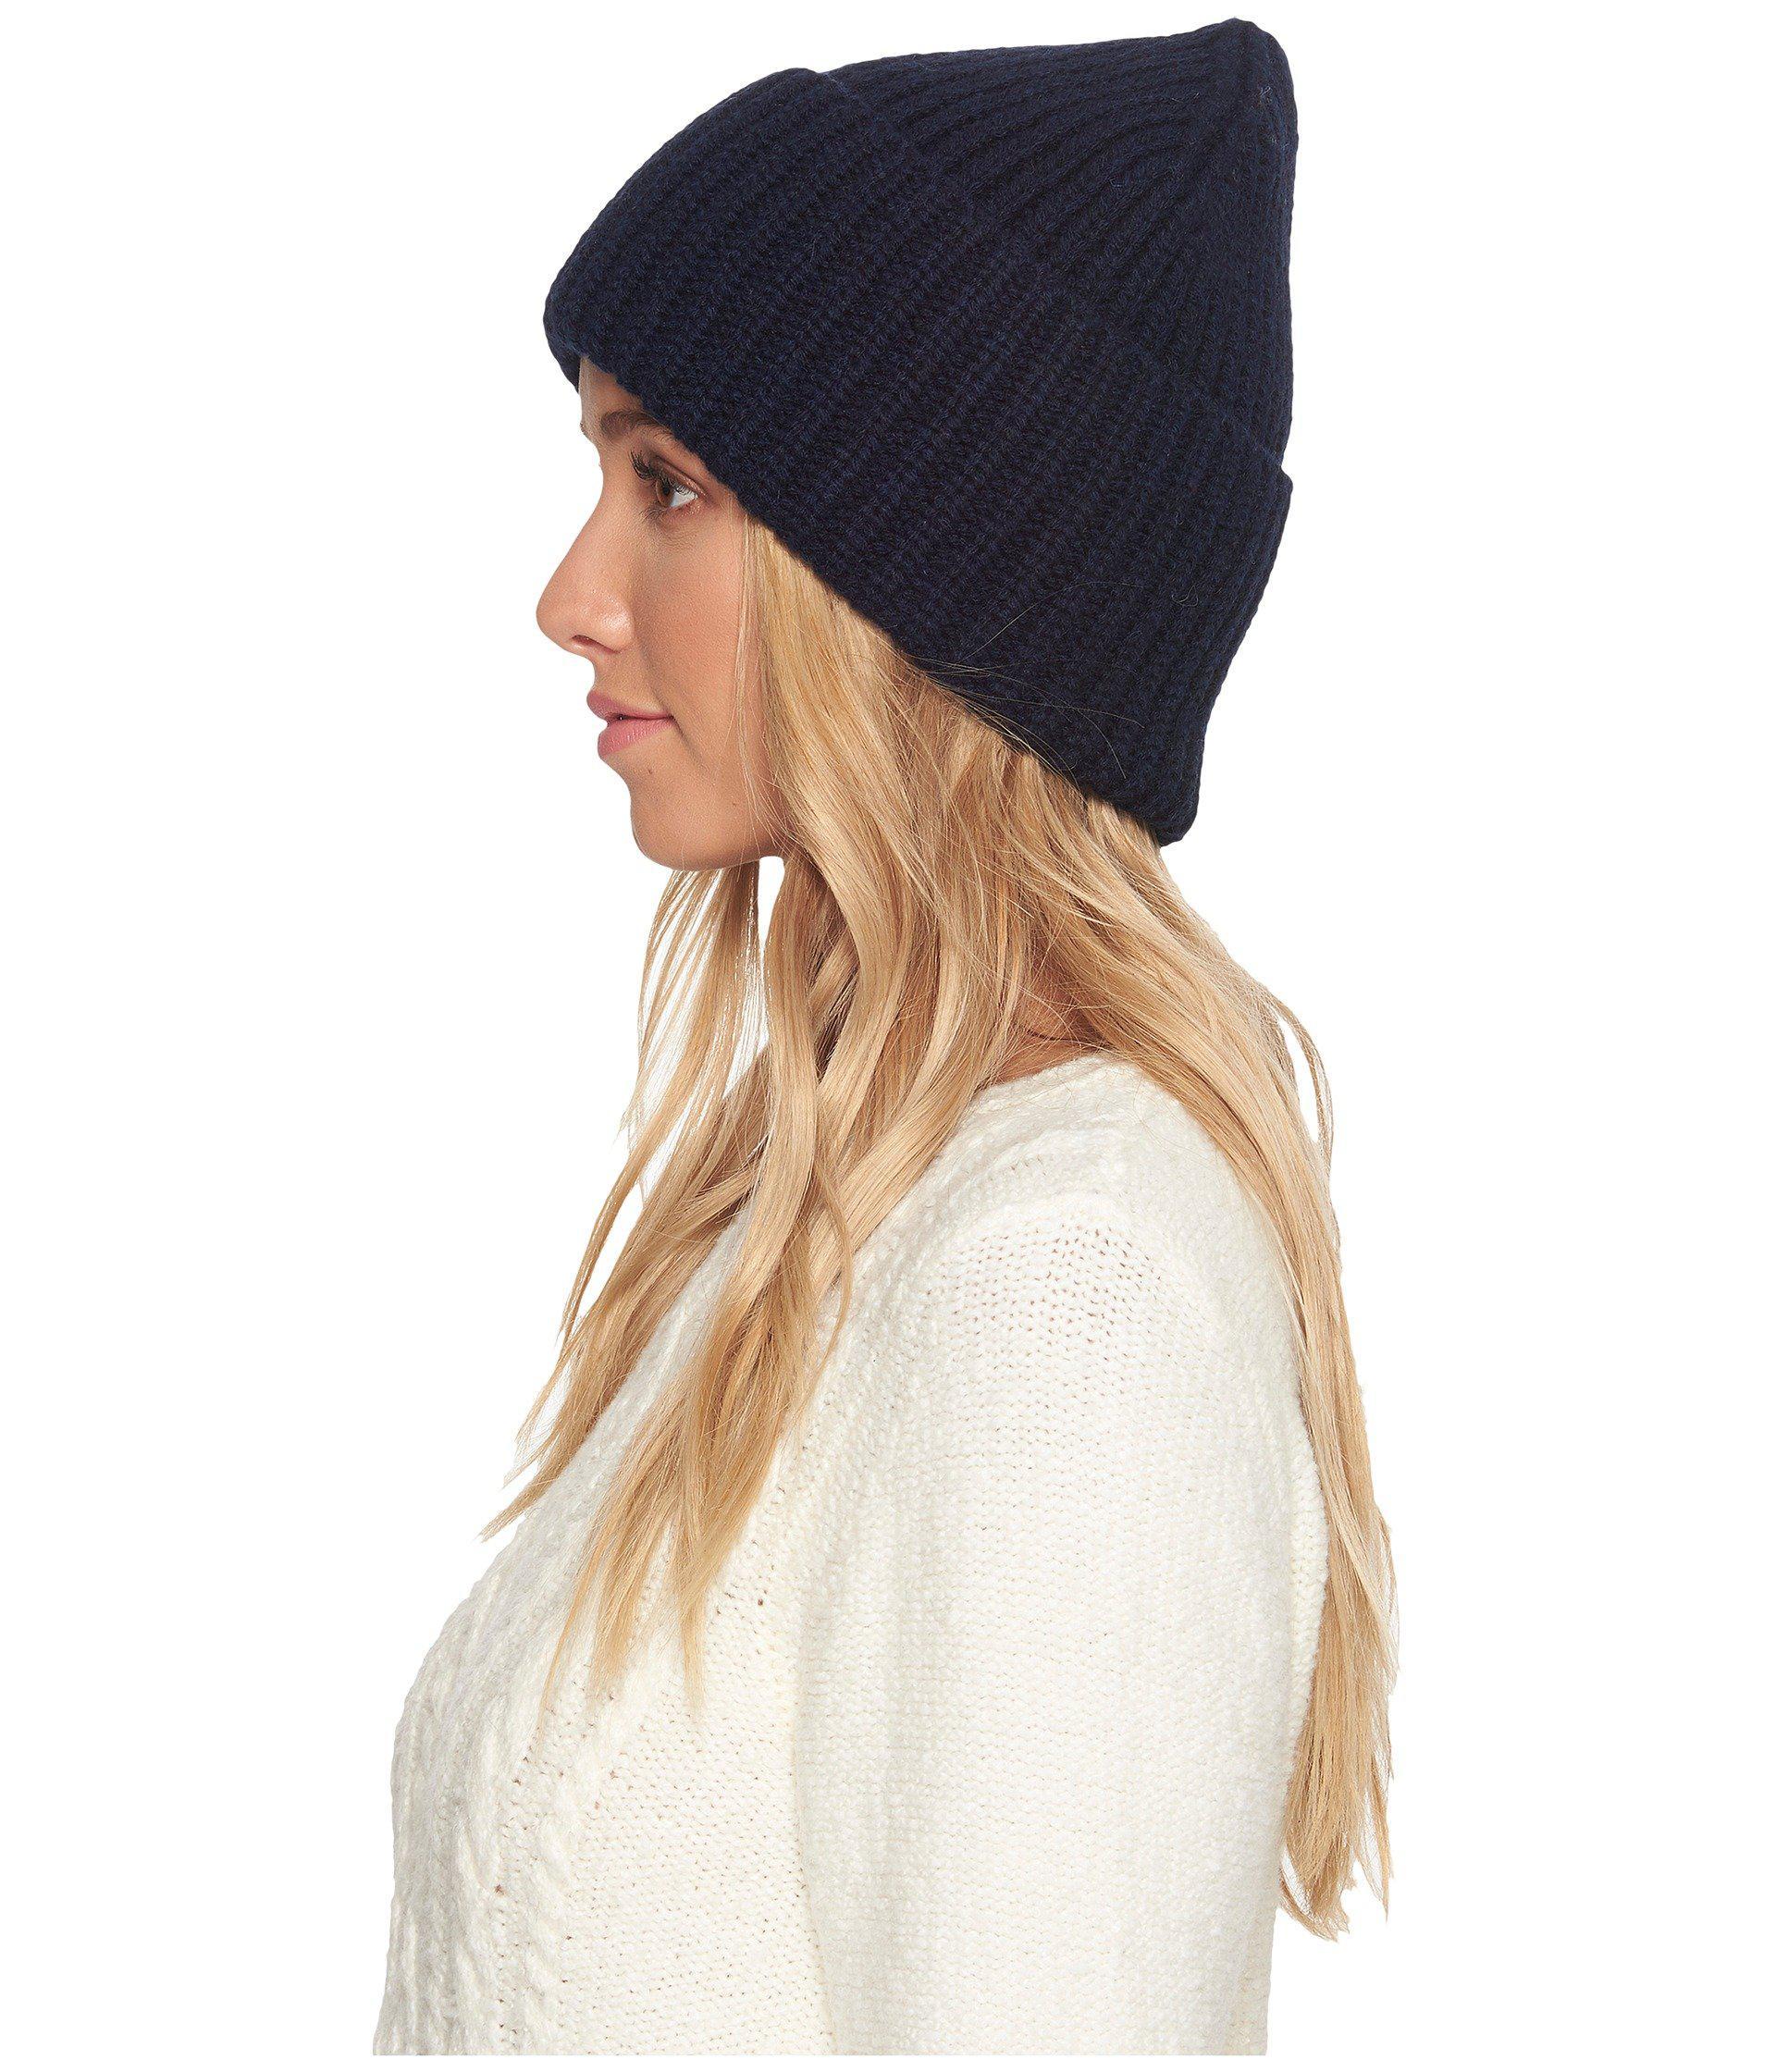 452bc7e8ea2c1 UGG Cardi Stitch Oversized Cuff Hat in Blue - Lyst